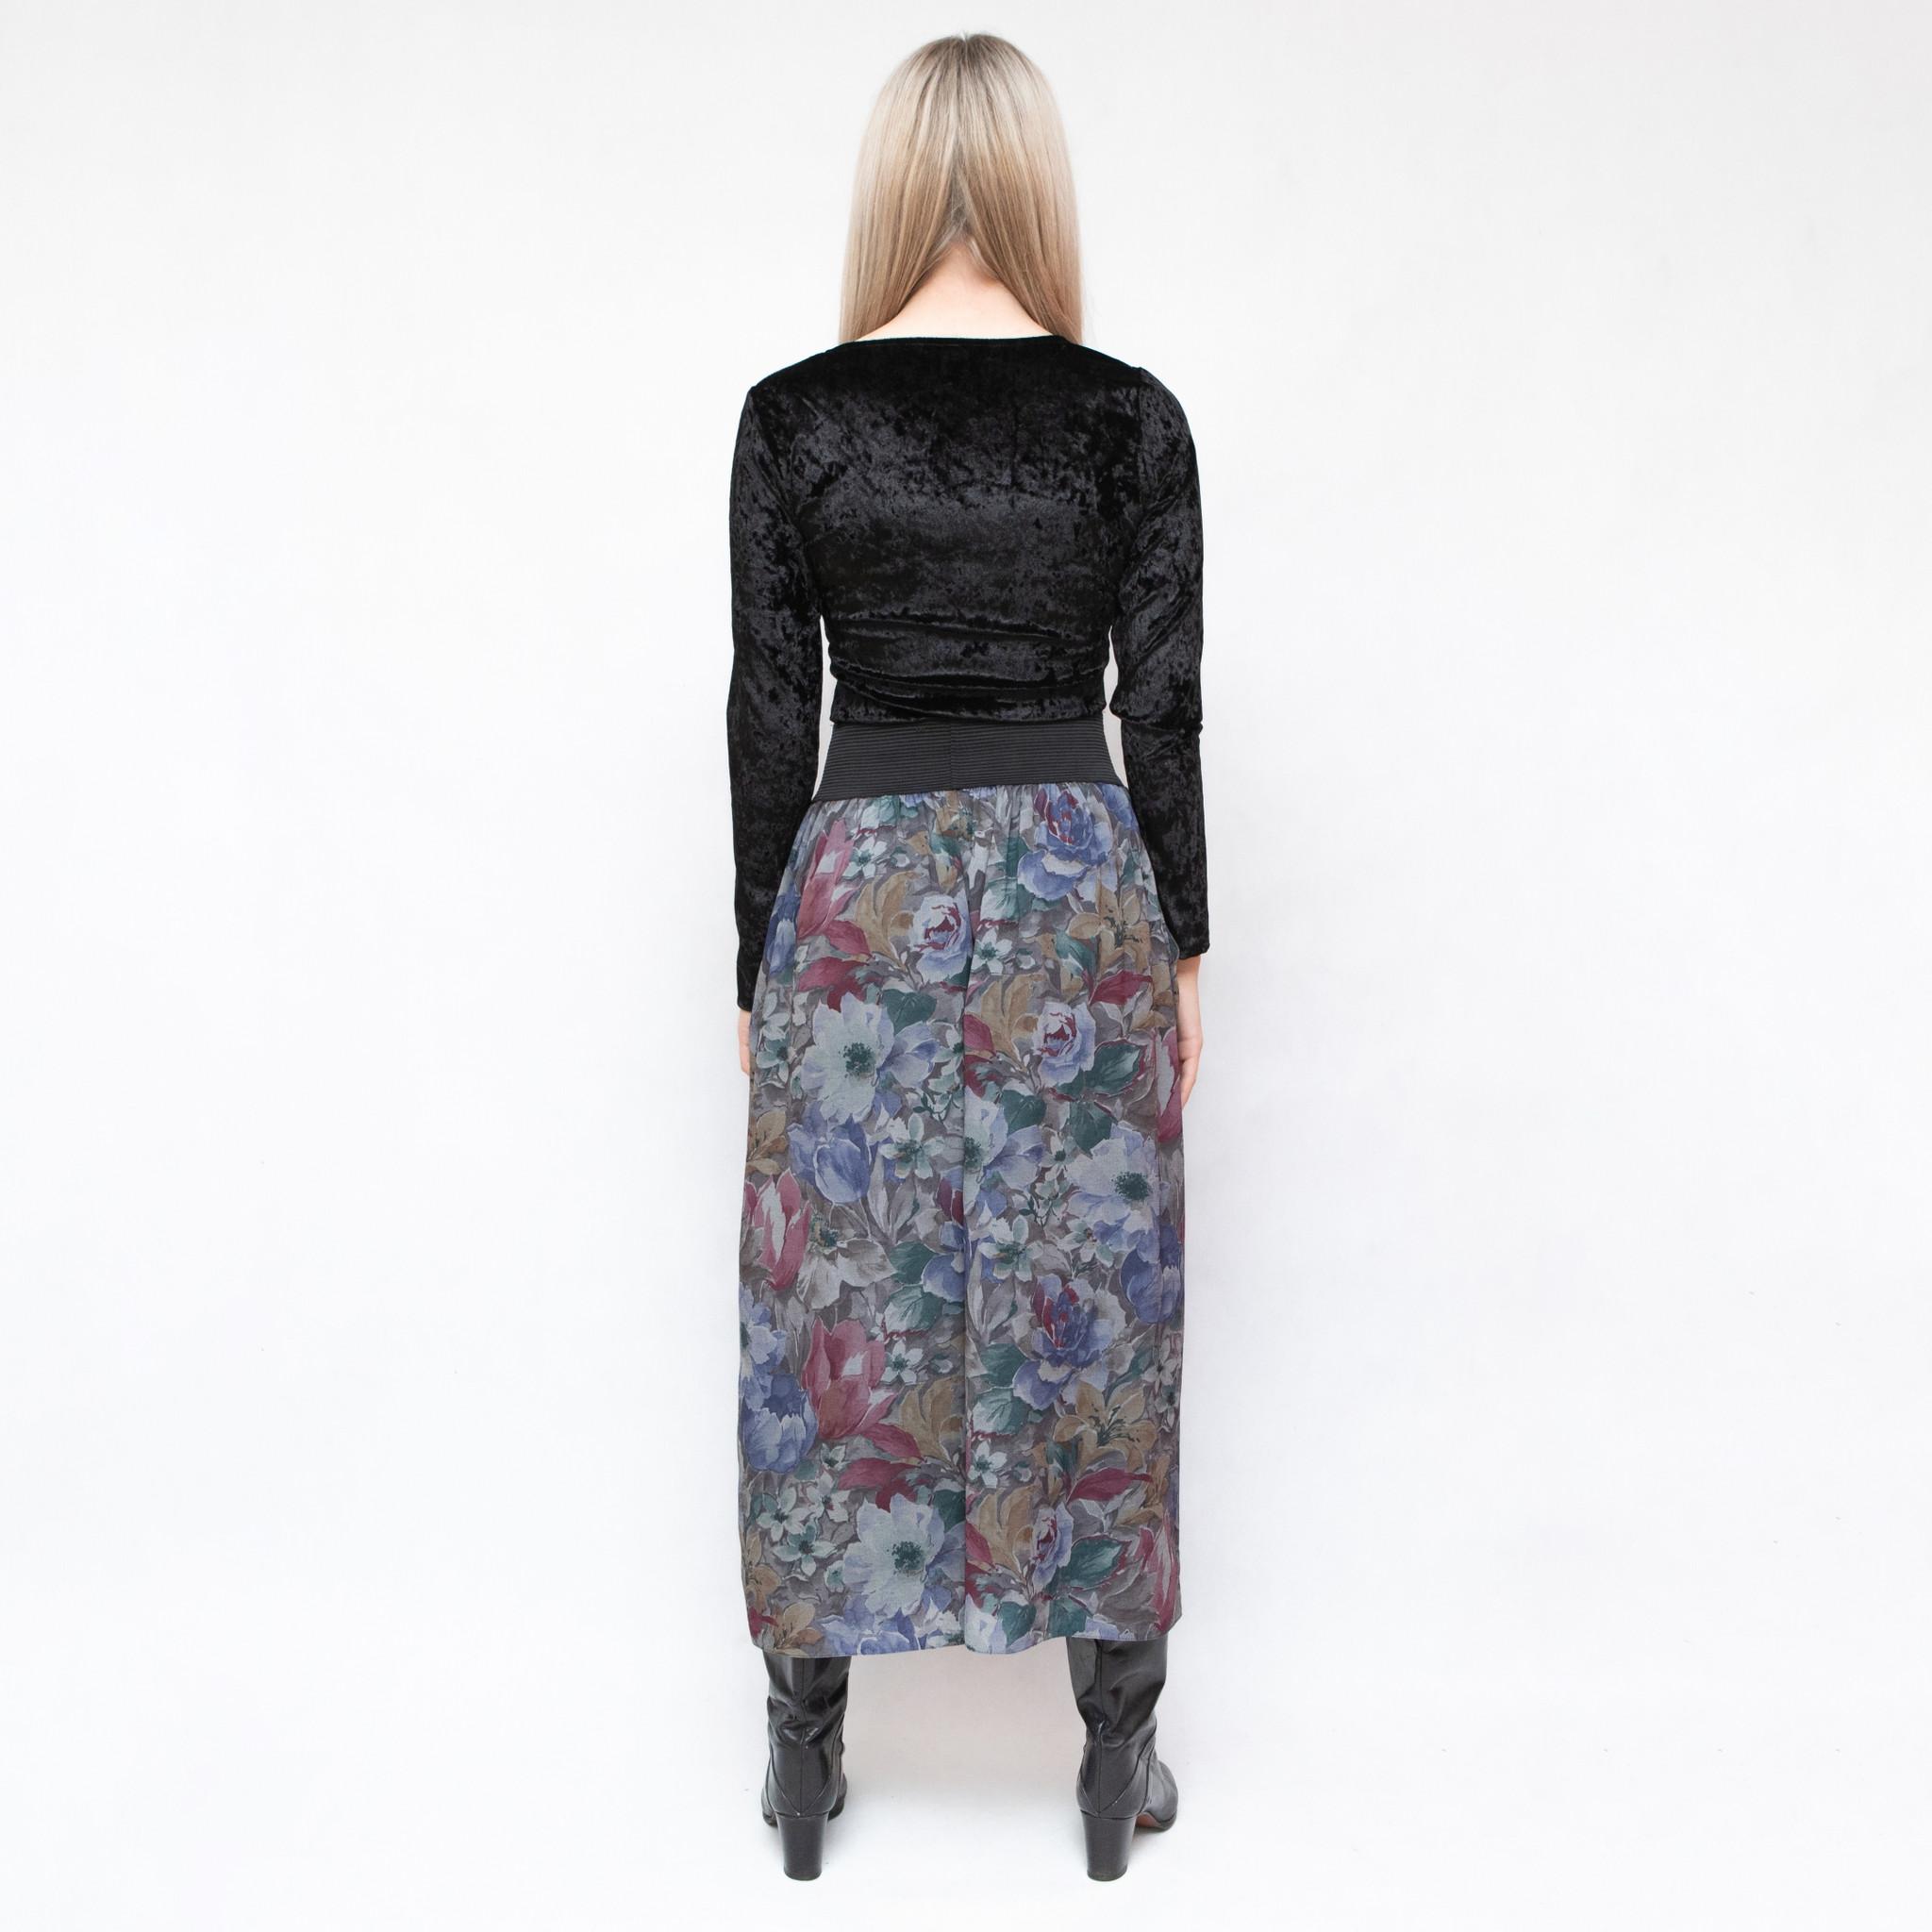 Spodnie culottes w kwiaty z gumą - KEX Vintage Store   JestemSlow.pl